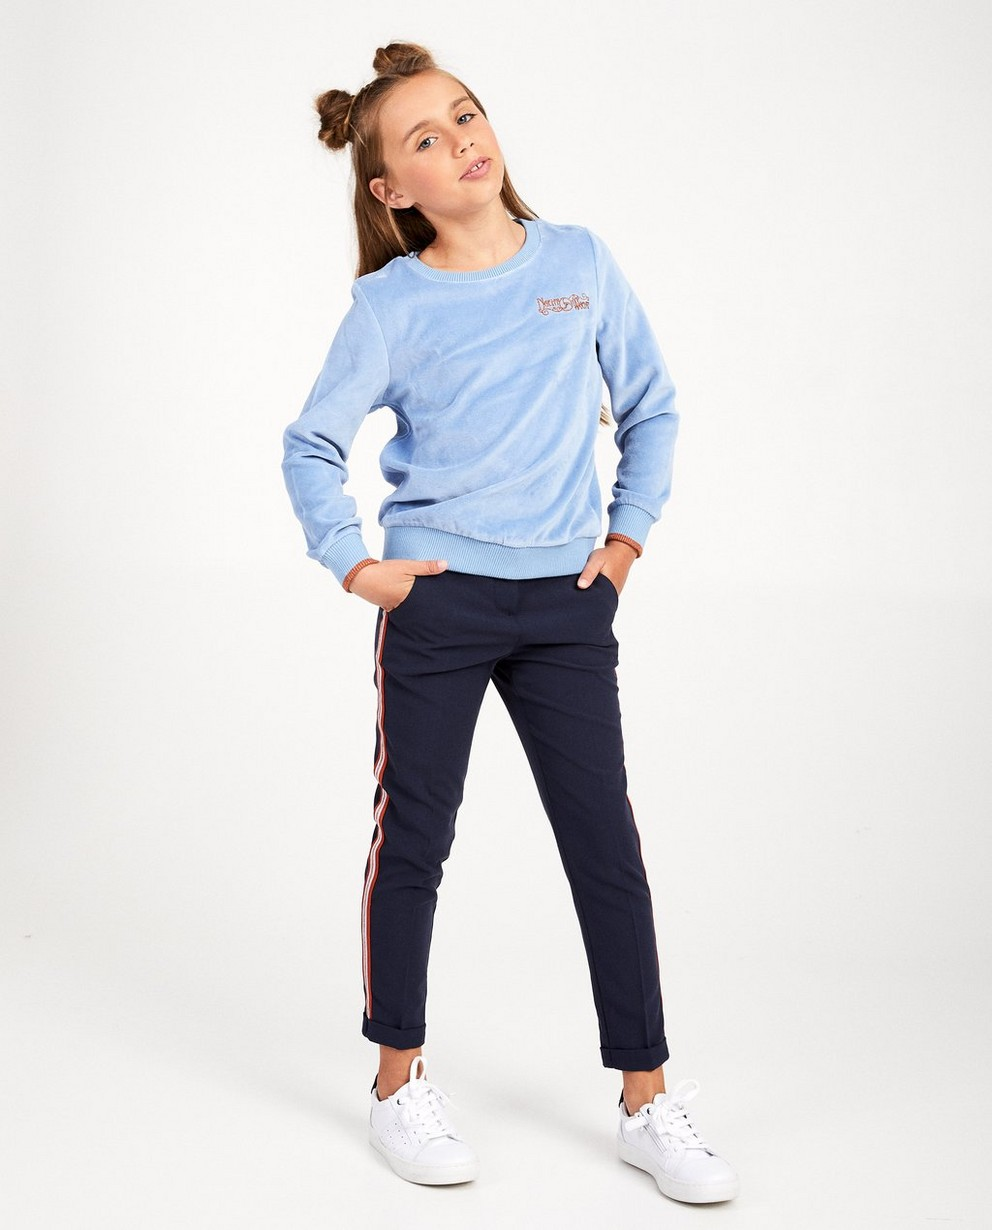 Blauwe broek met streep Nachtwacht - aan de zij - Nachtwacht